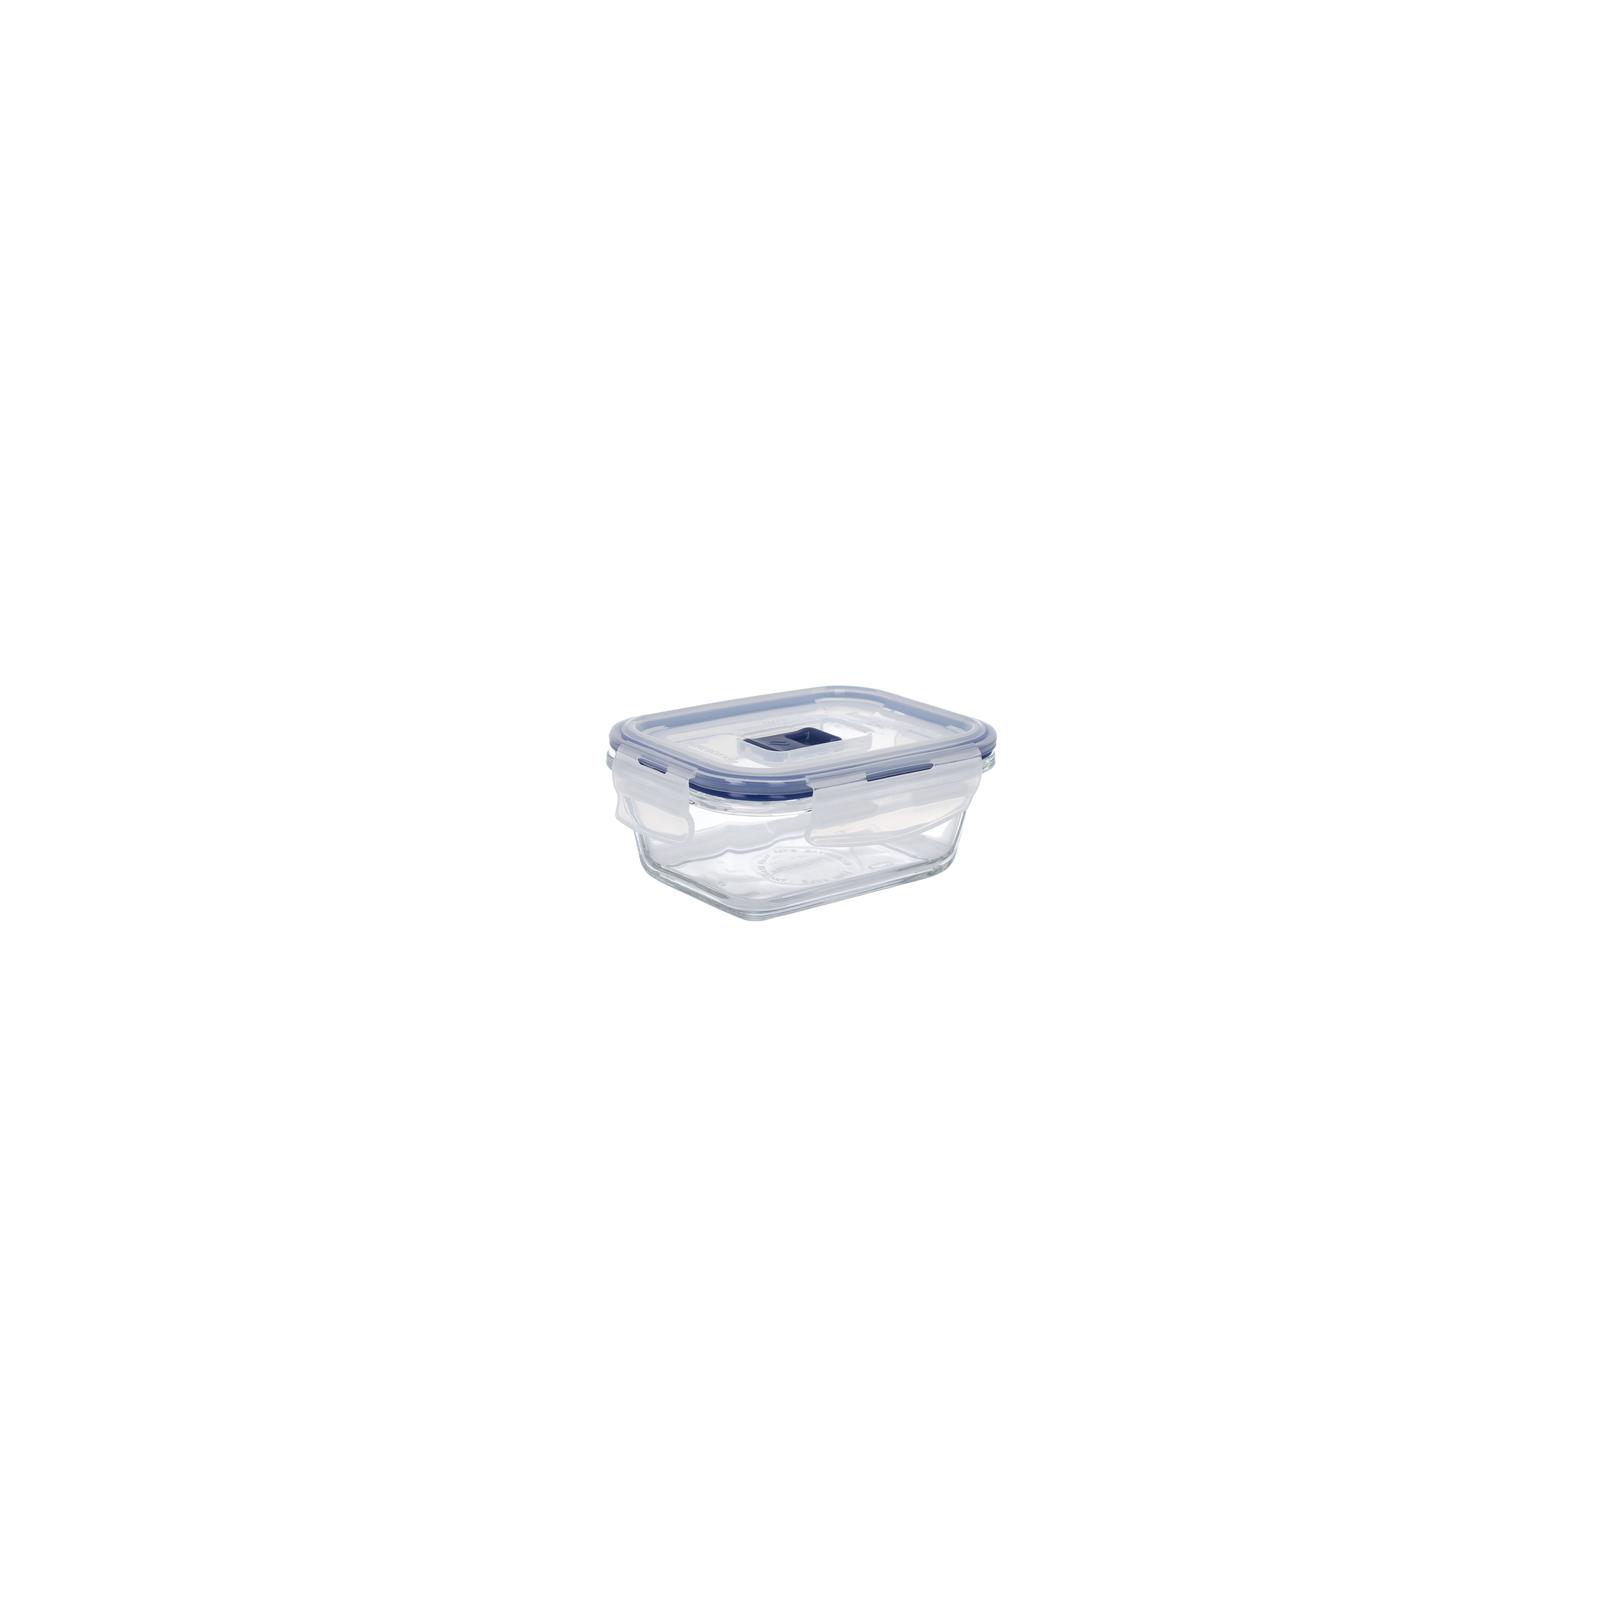 Пищевой контейнер Luminarc Pure Box Active прямоуг. 380 мл (P3546) изображение 2